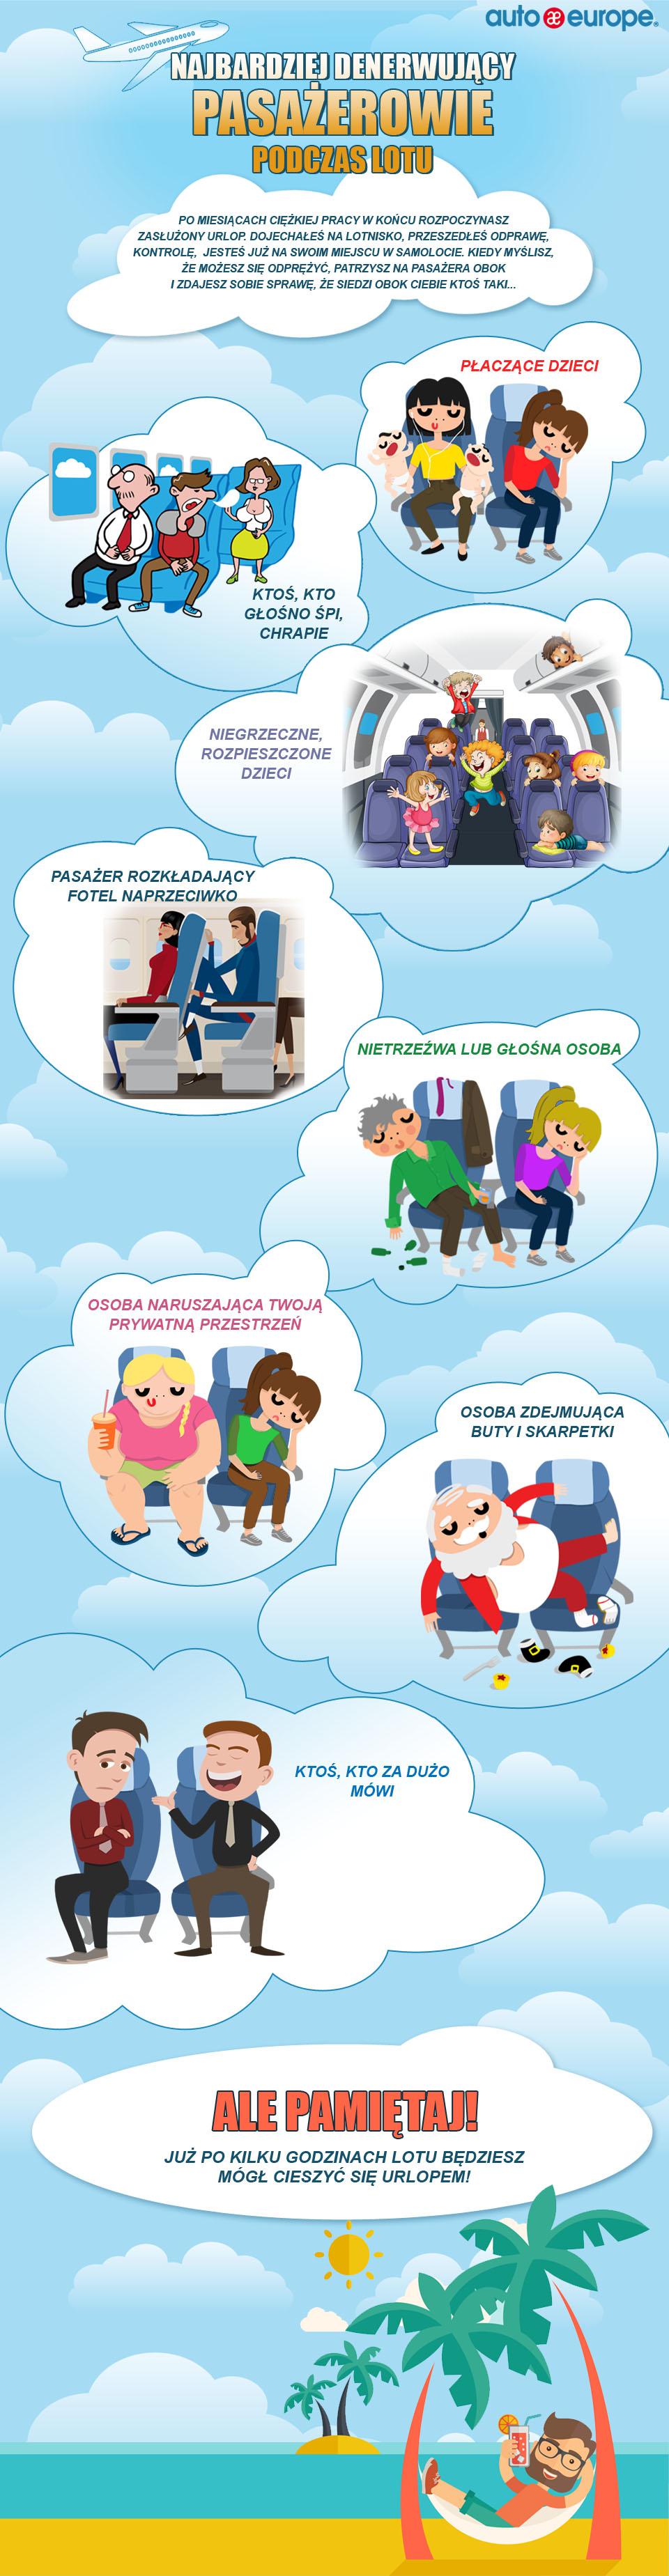 Co nas najbardziej denerwuje na pokładzie samolotu?